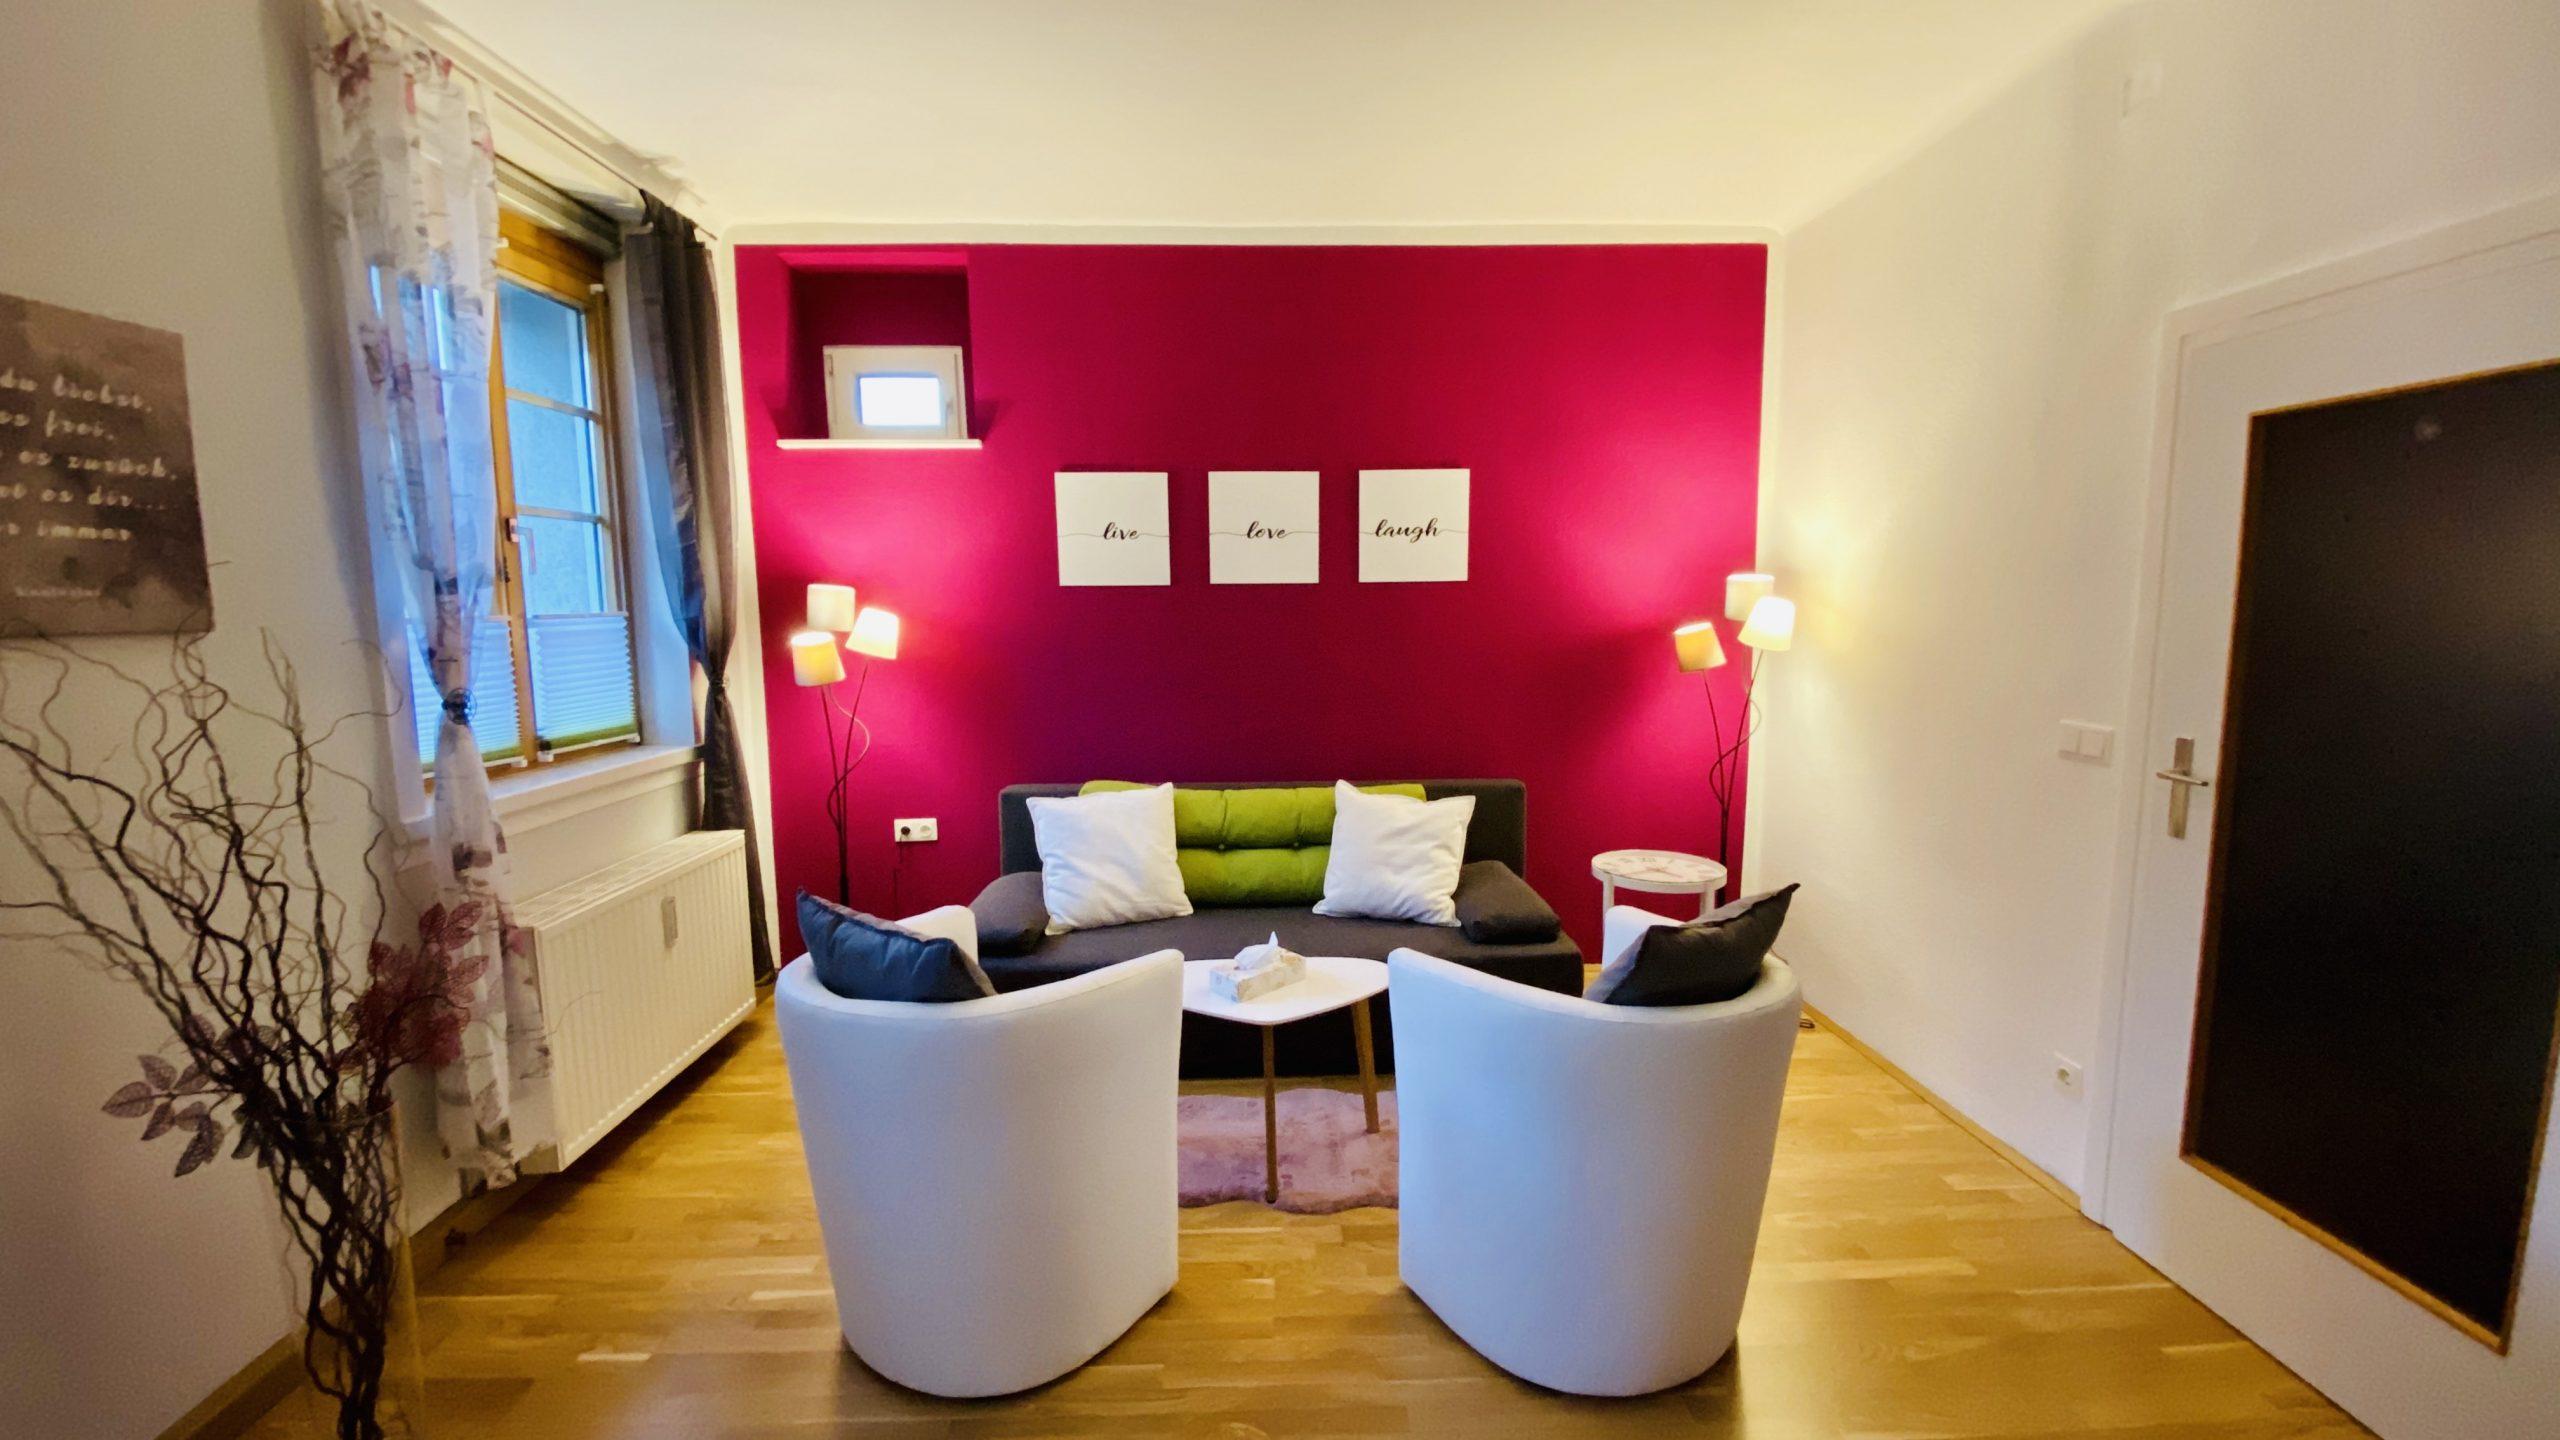 Ansicht Praxis purple Wand